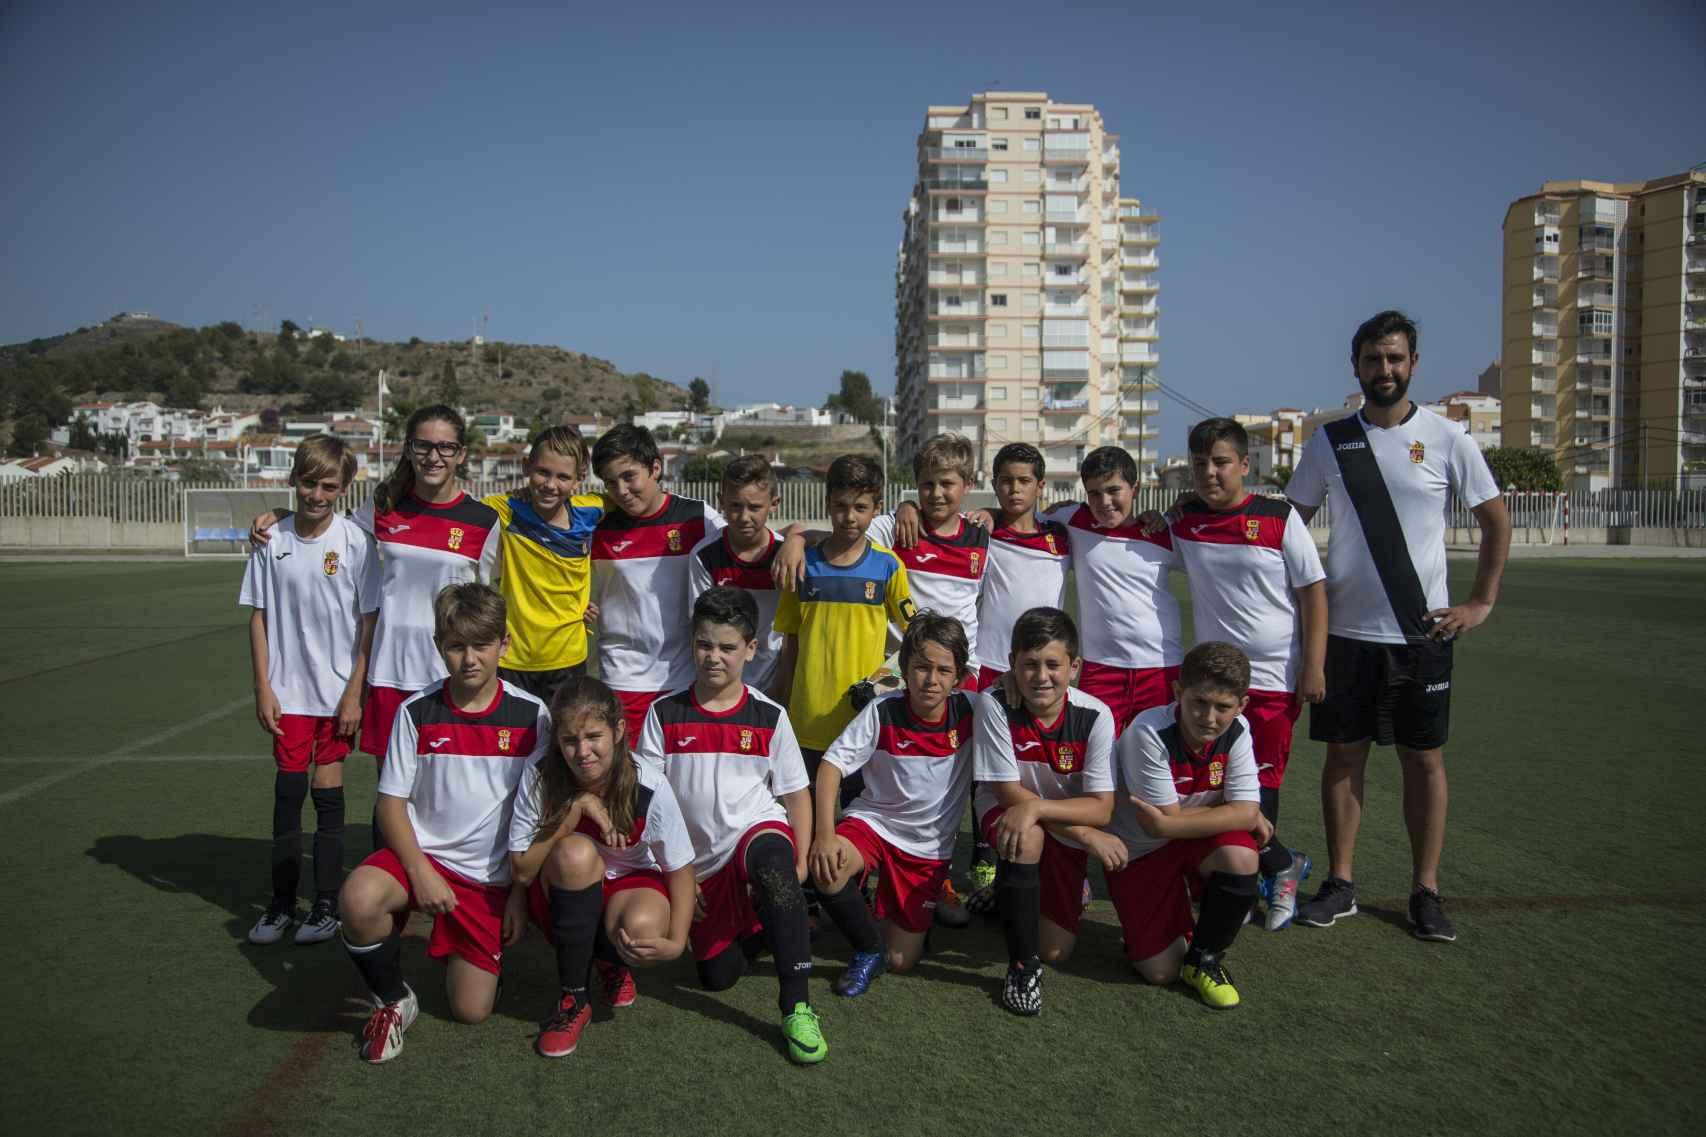 La plantilla al completo de la Asociación Deportiva Albuñol.